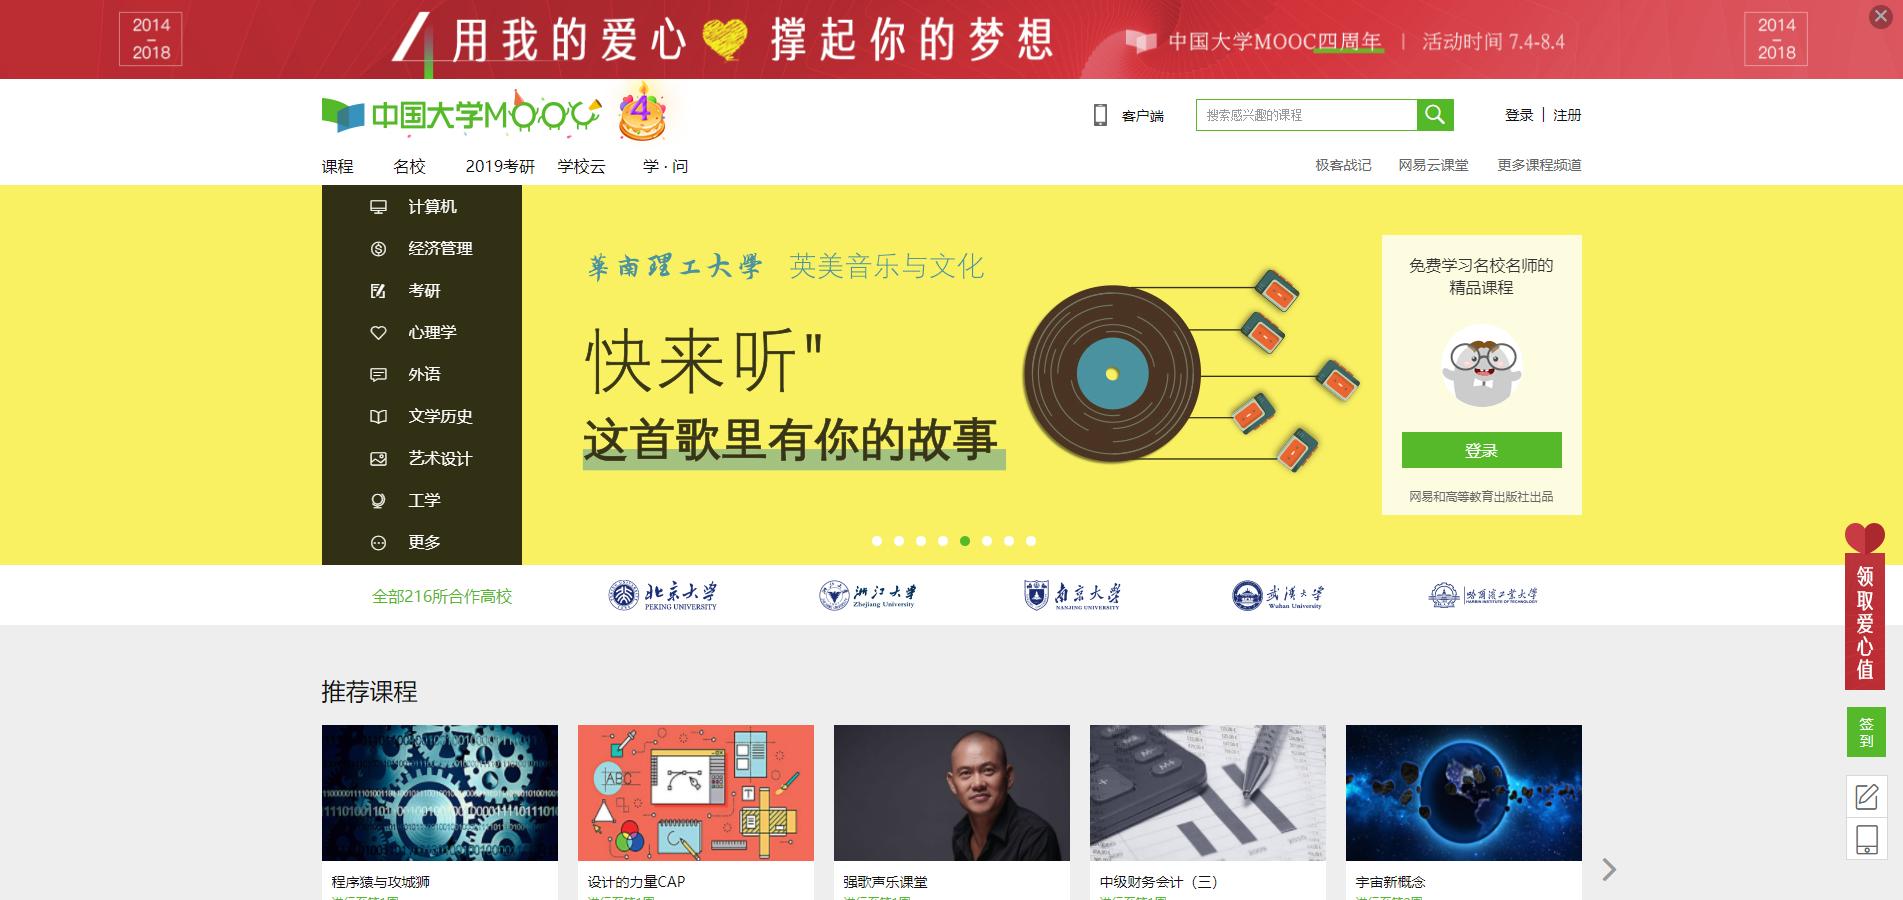 中国大学MOOC(慕课) | 国家精品课程在线学习平台